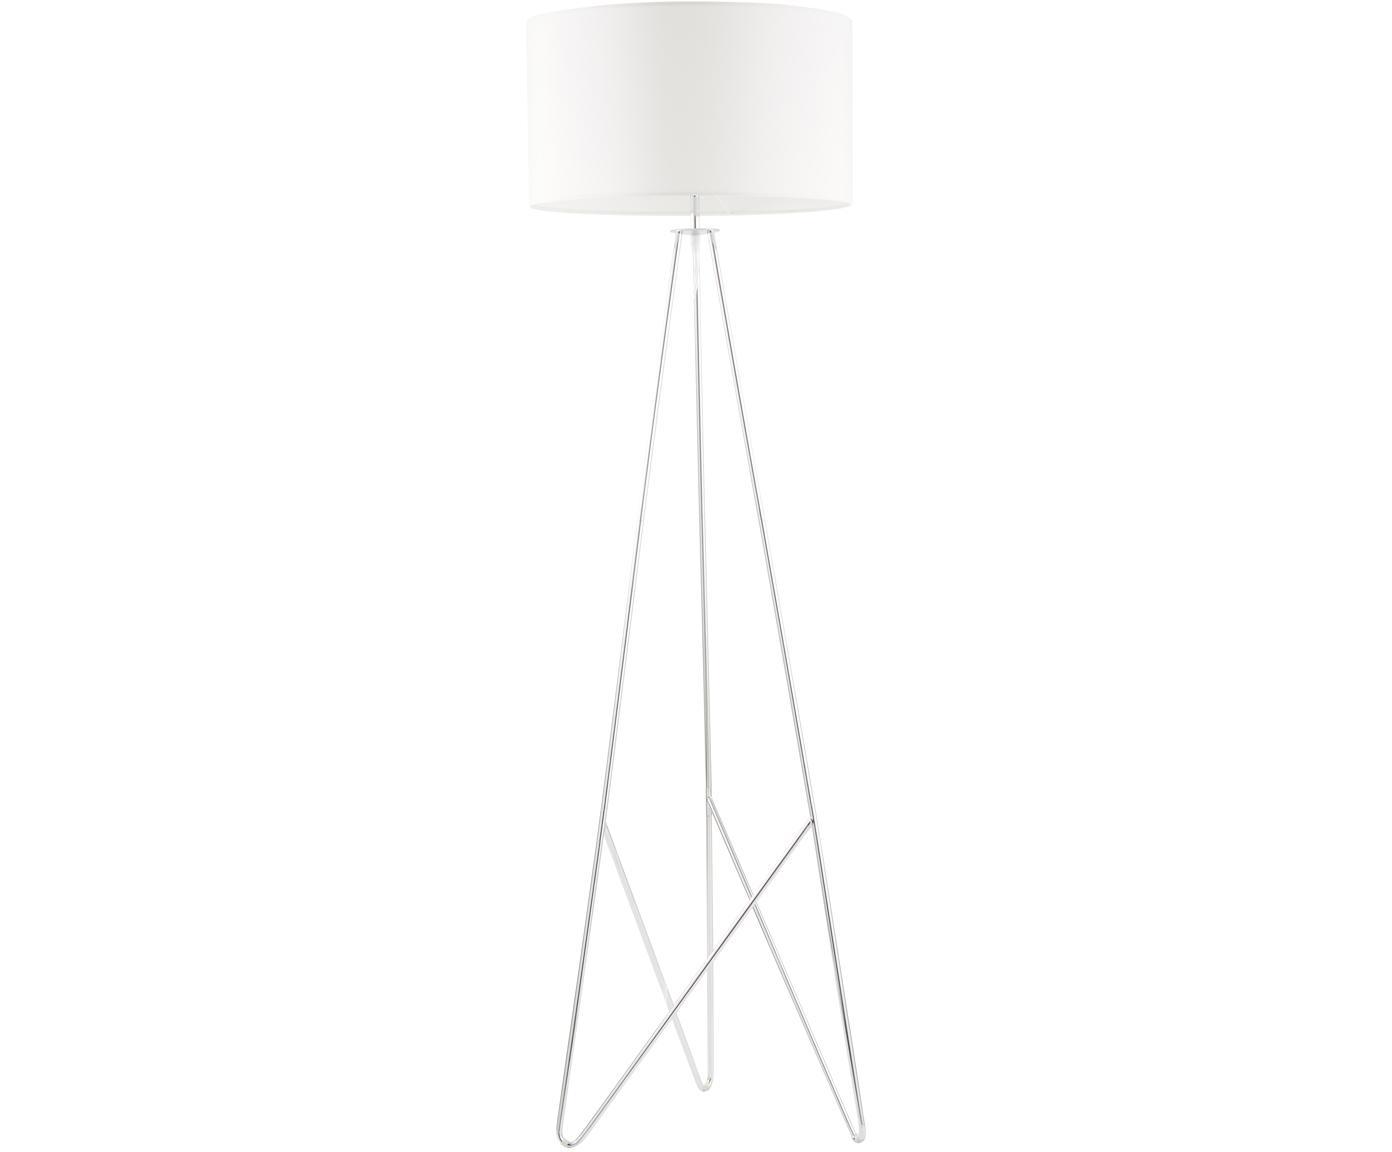 Lampa podłogowa Jessica, Biały, chrom, Ø 45 x W 155 cm